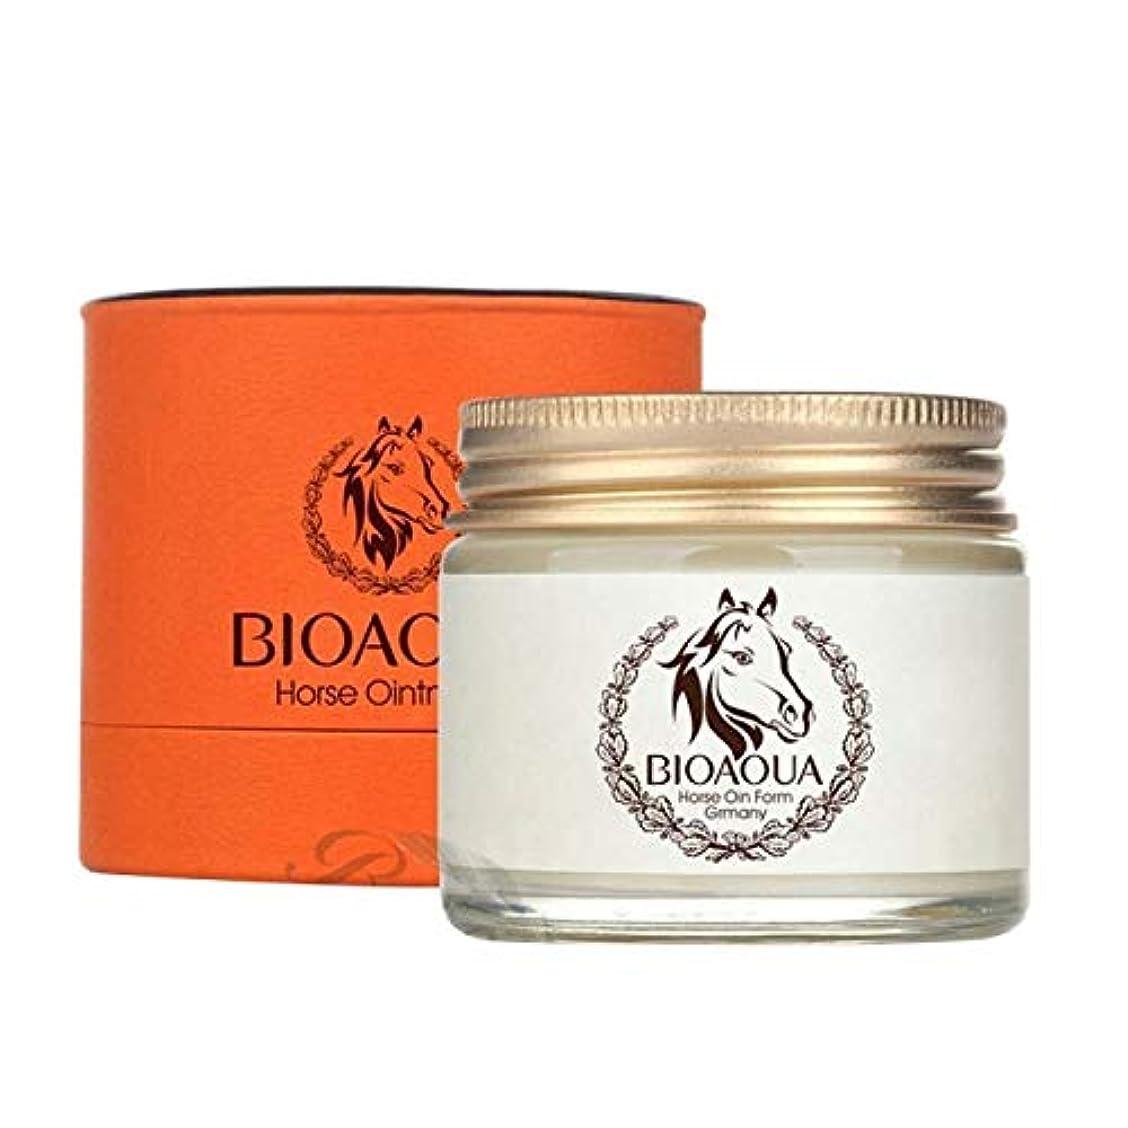 膨張する規範優勢1個馬油クリームクリーム瘢痕顔体寧クリーム永遠の美容ケア寧保湿クリーム